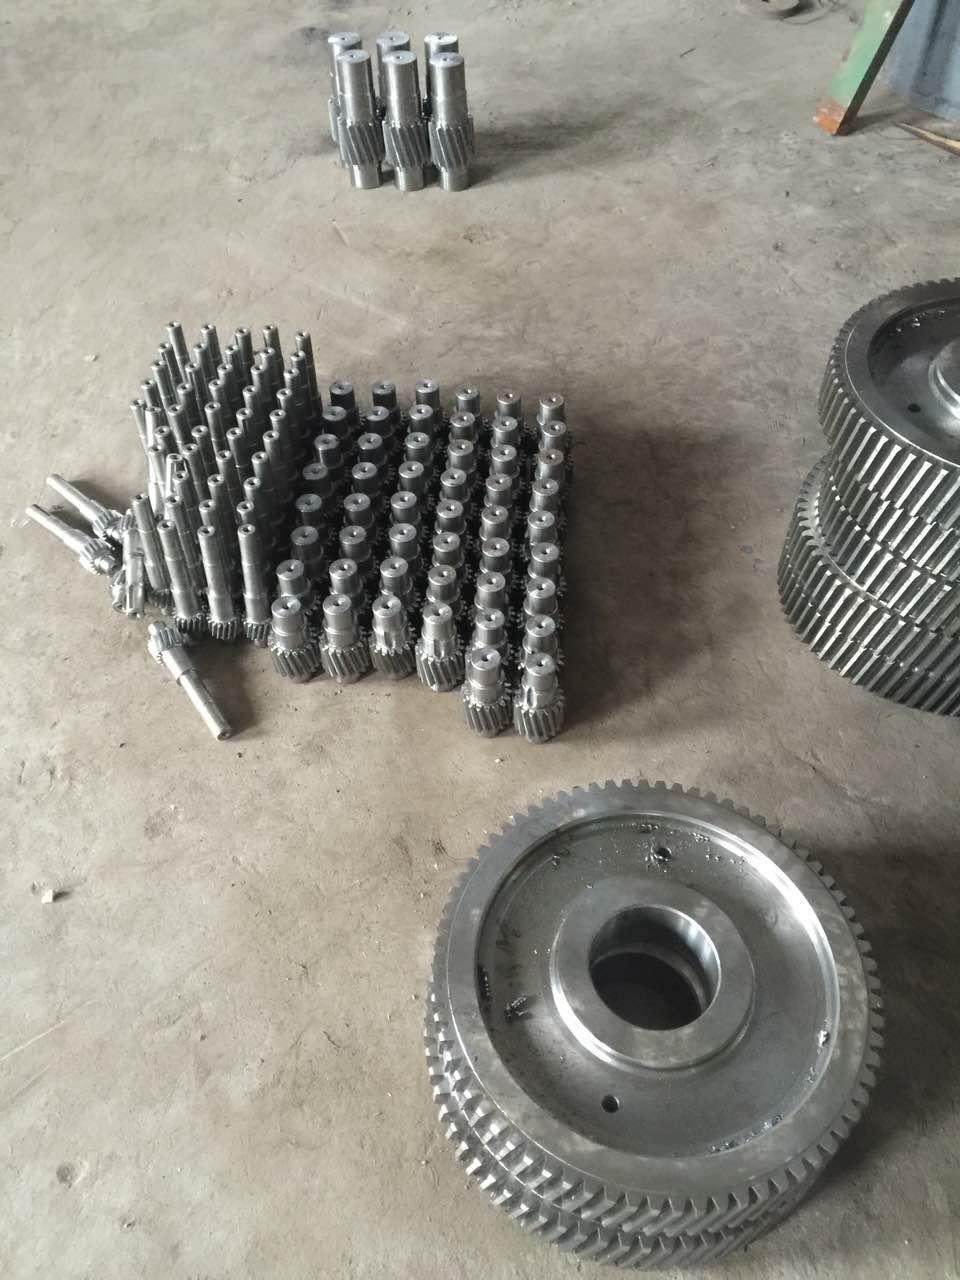 ZLYJ硬齿面减速机大齿轮、中齿轮、小齿轮